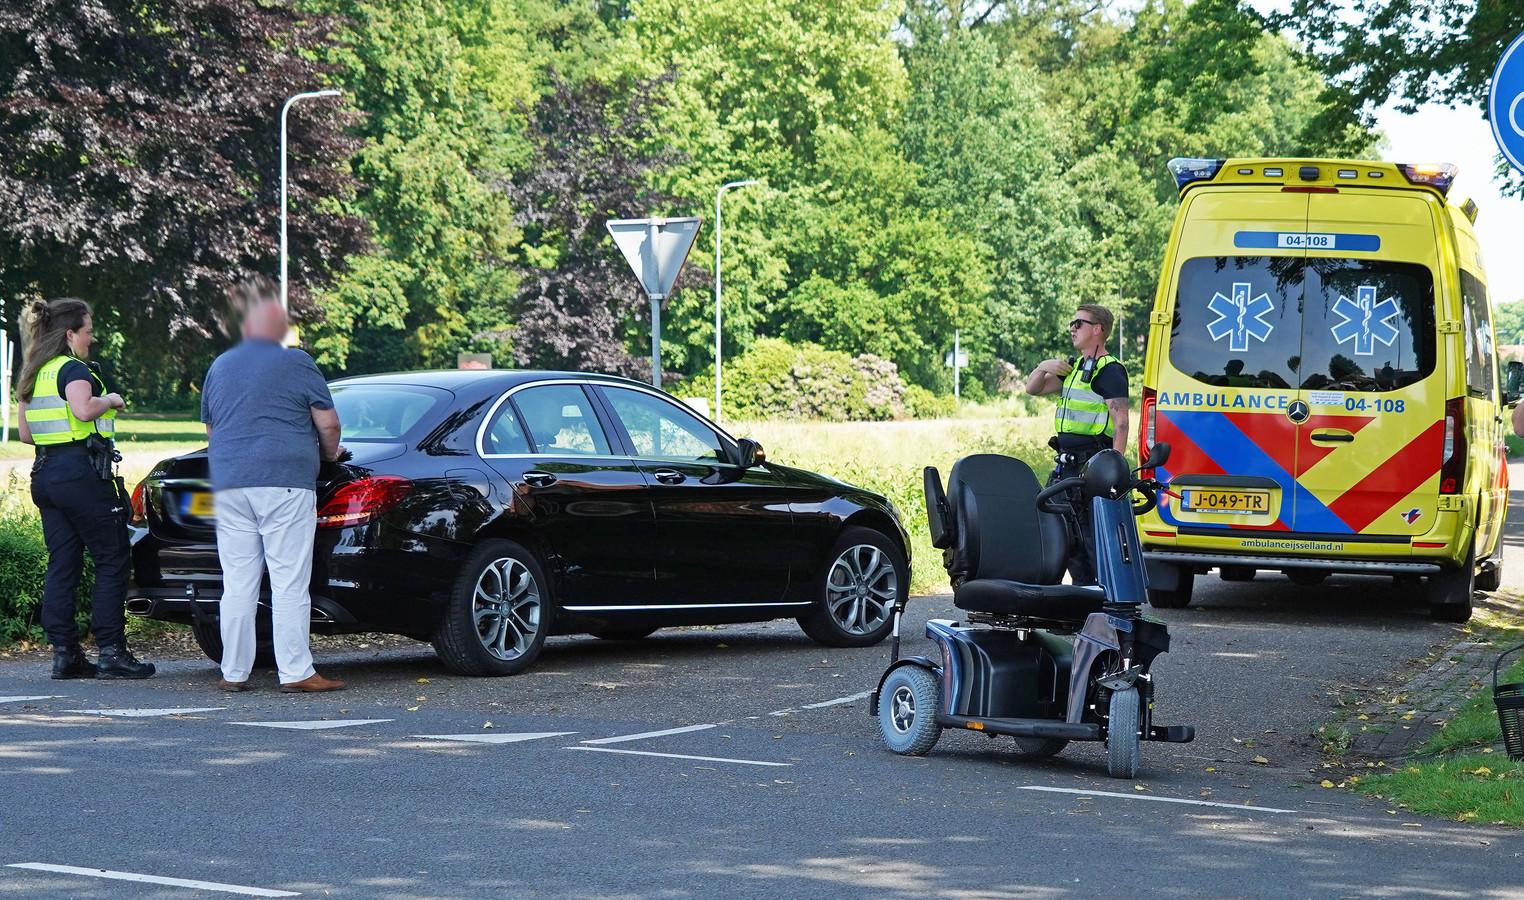 De scootmobiel kwam onverwacht de kruising op gereden en werd geraakt door een personenauto.